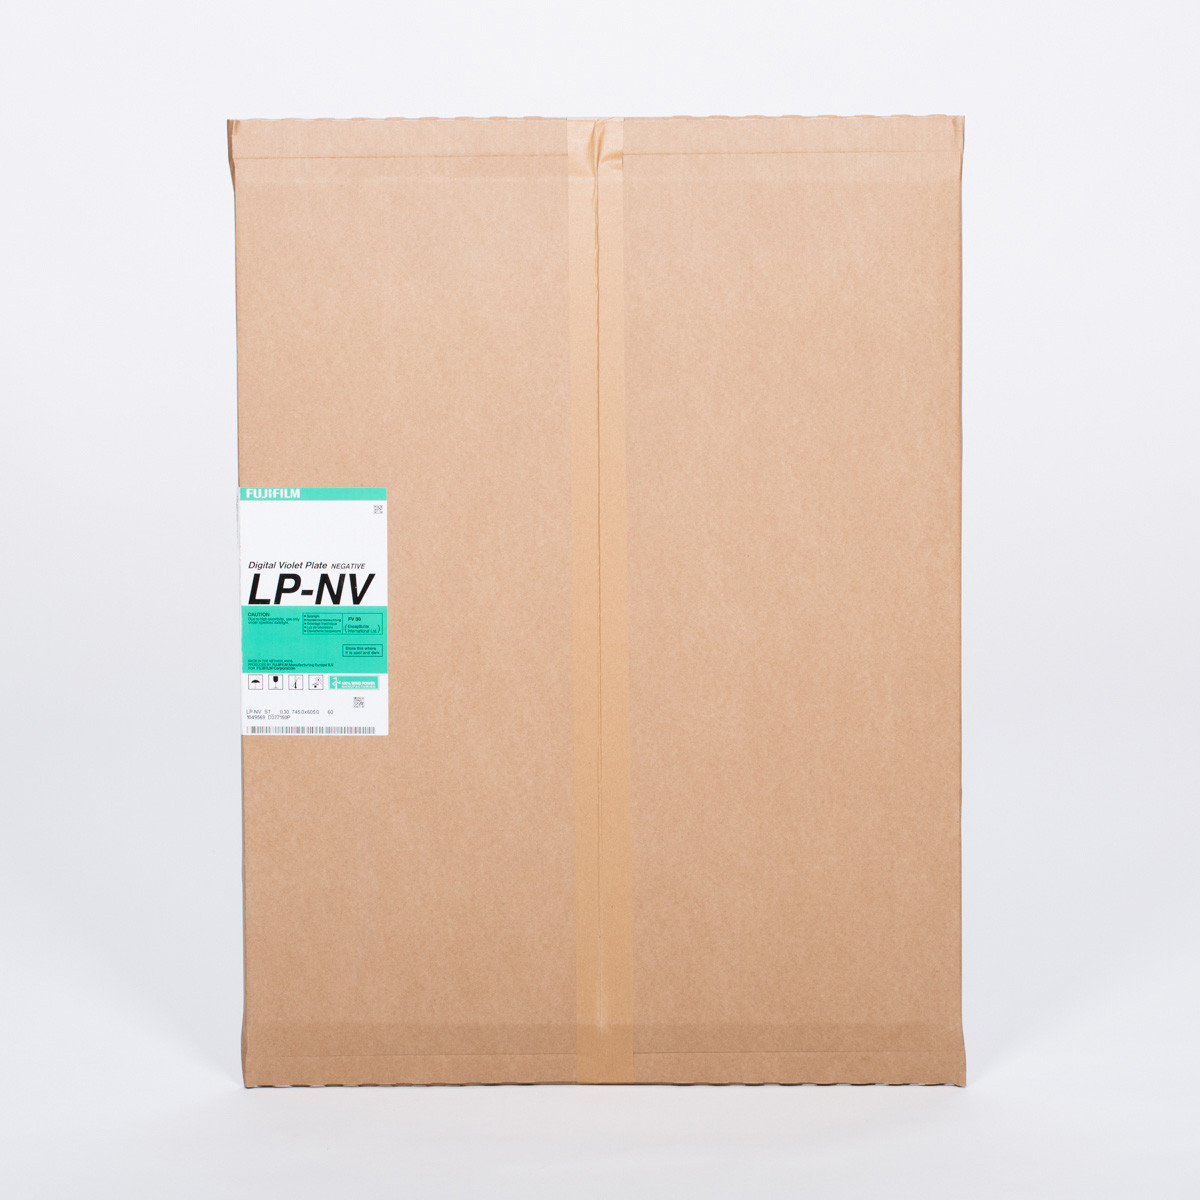 FUJI LP-NV ST 650x550x0,30x60